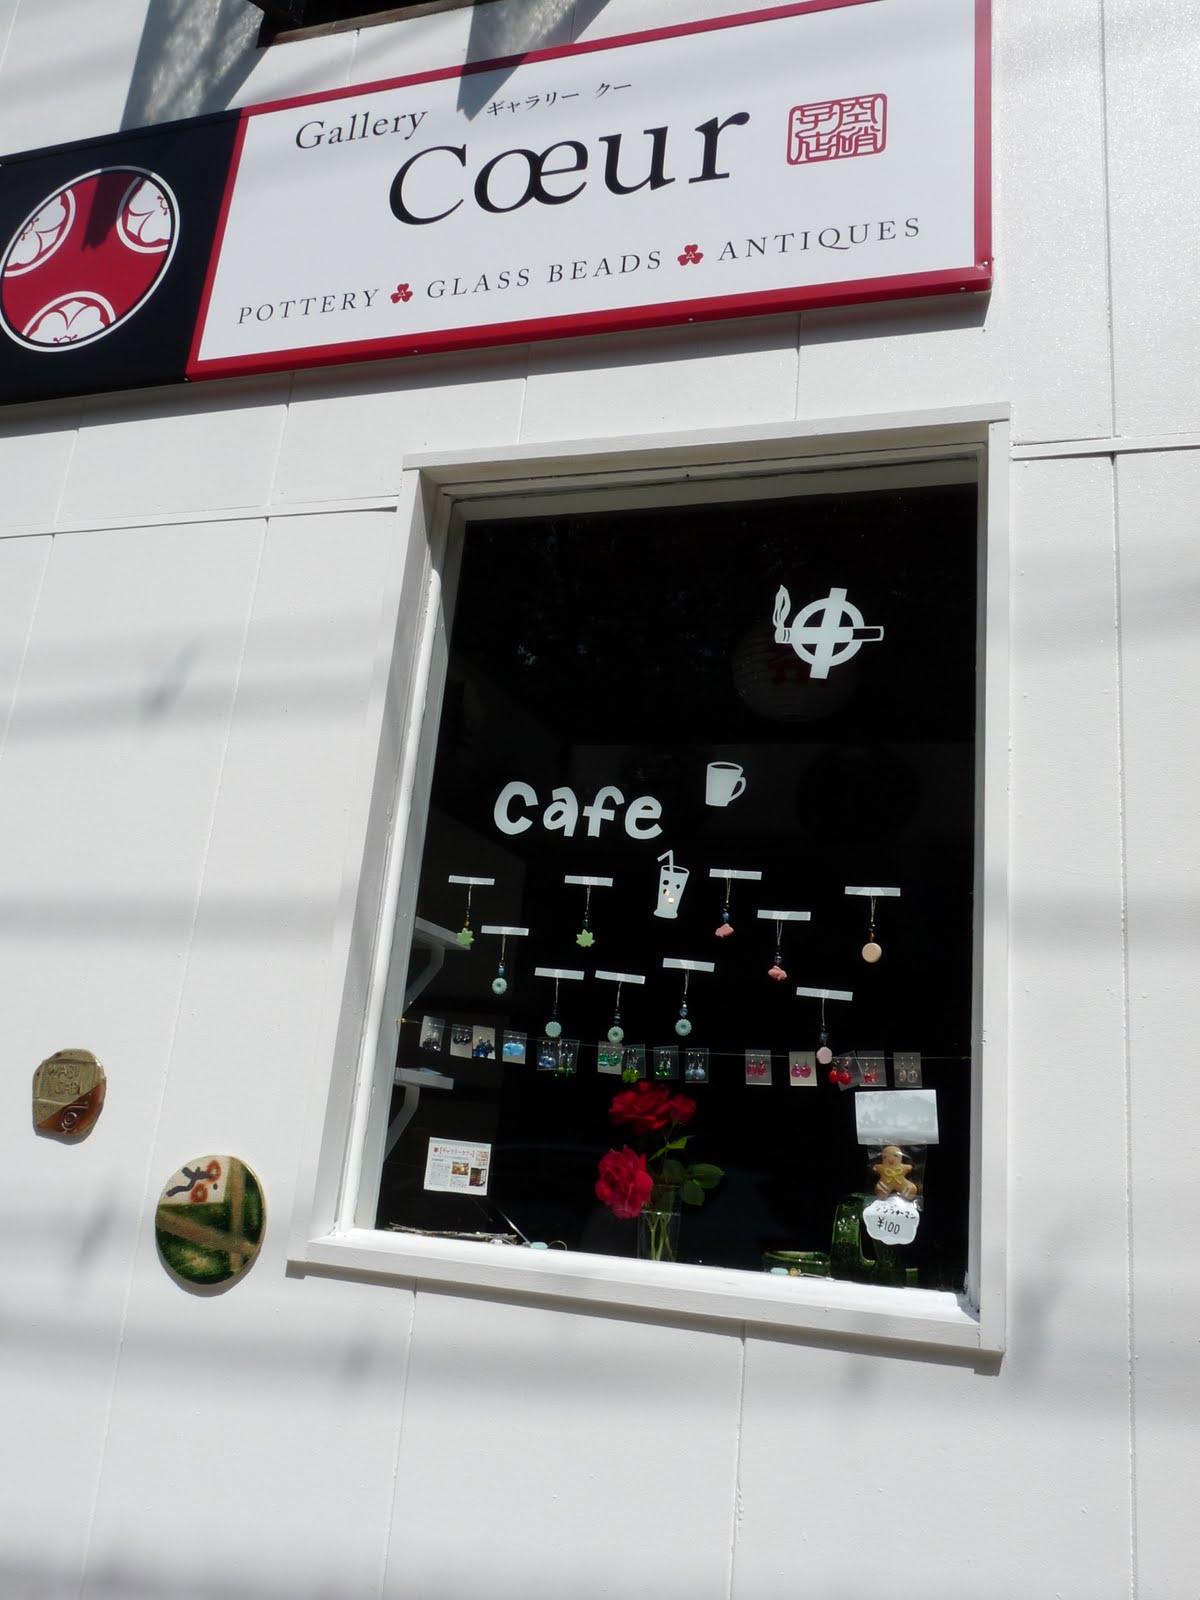 Gallery Coeur  町家カフェ・ギャラリークー